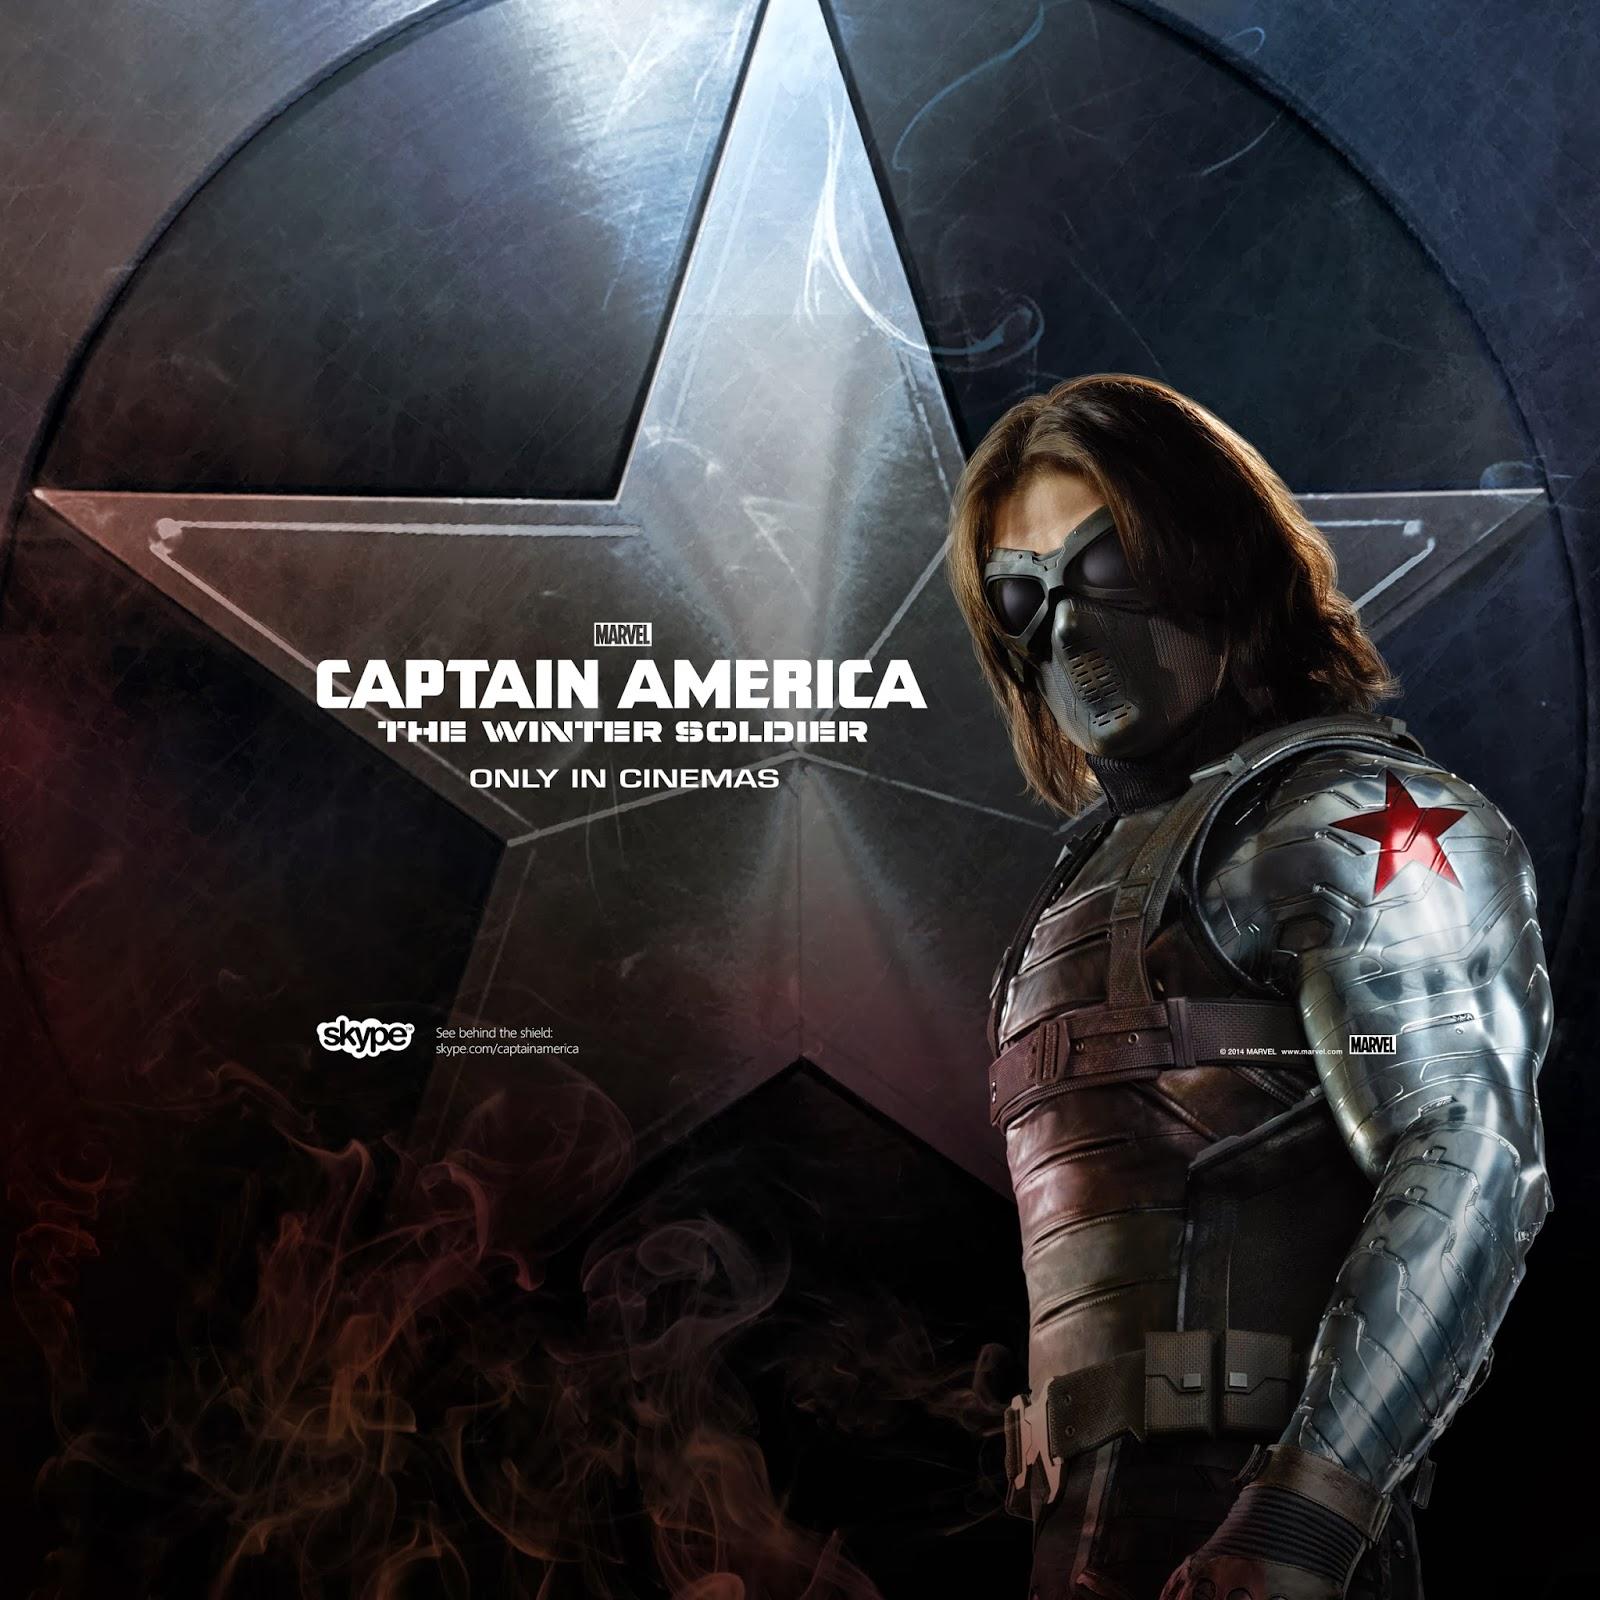 東尼史塔克 鋼鐵人 Tony Stark: 《美國隊長2 : 酷寒戰士》 美術設定圖